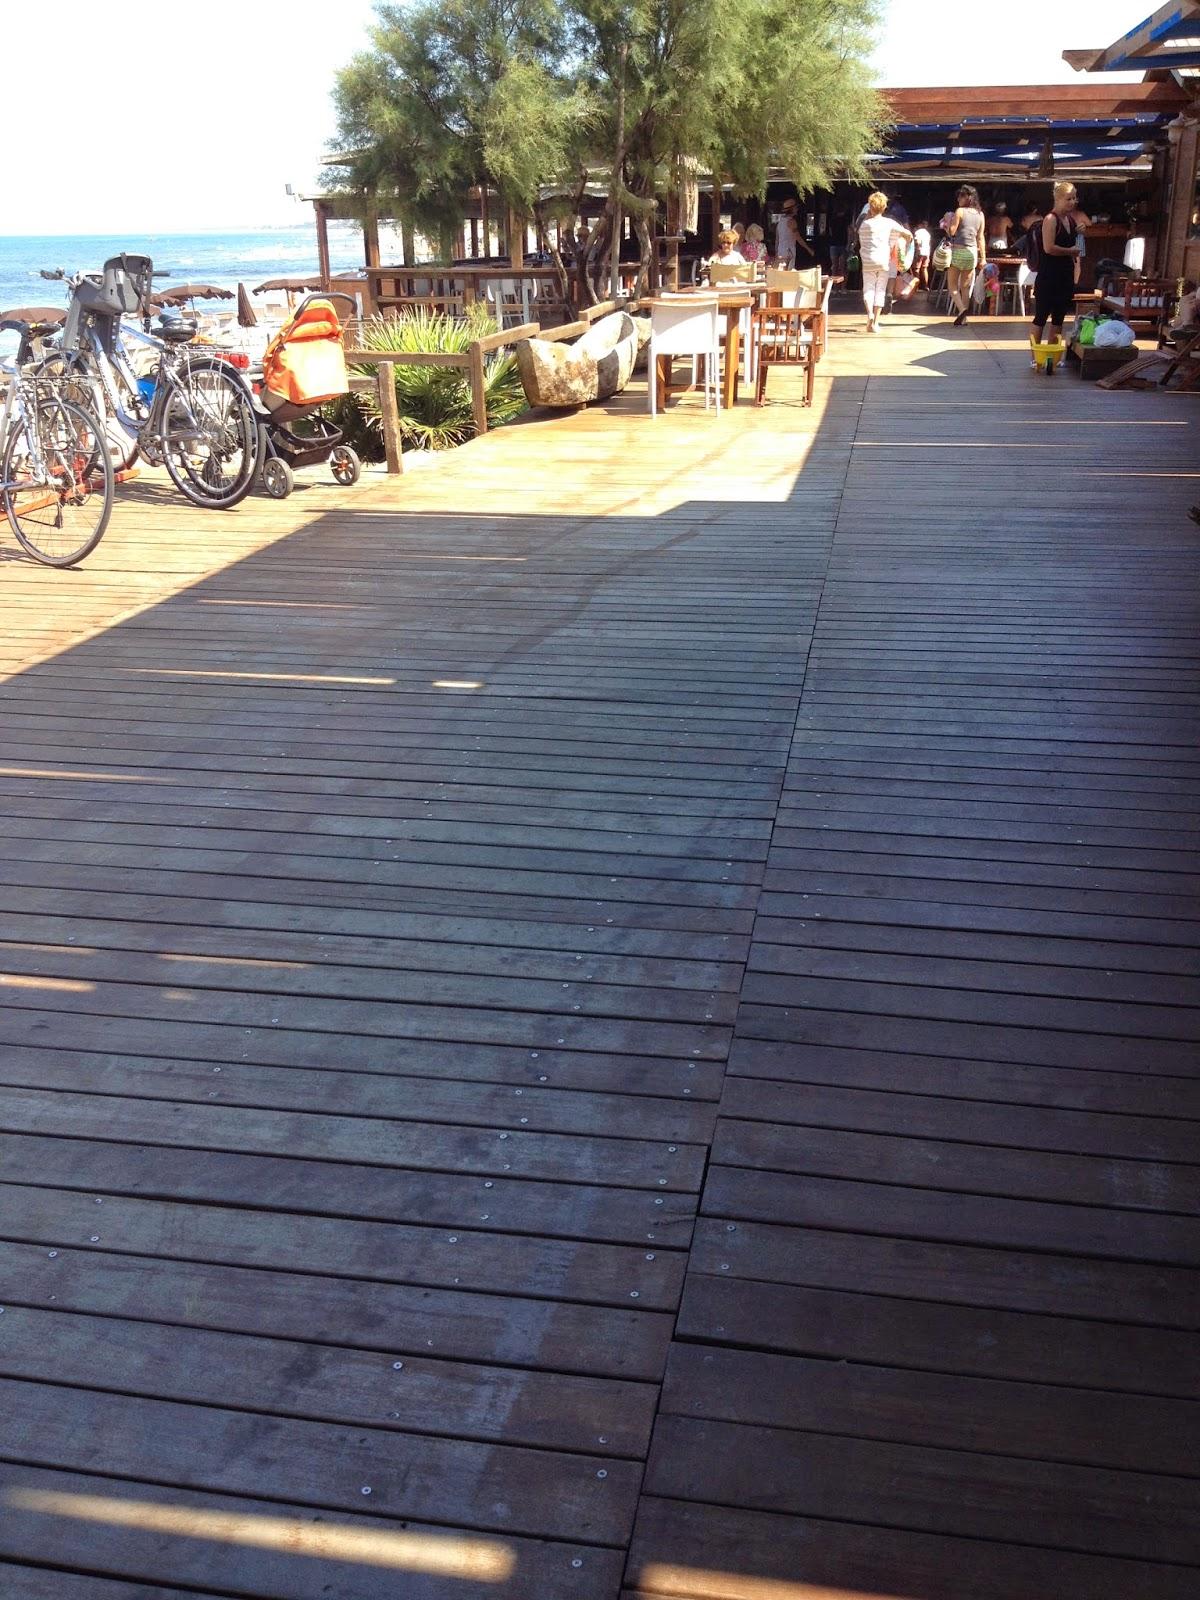 Pontinia ecologia e territorio sabaudia accesso al mare for Vecchio in sedia a rotelle